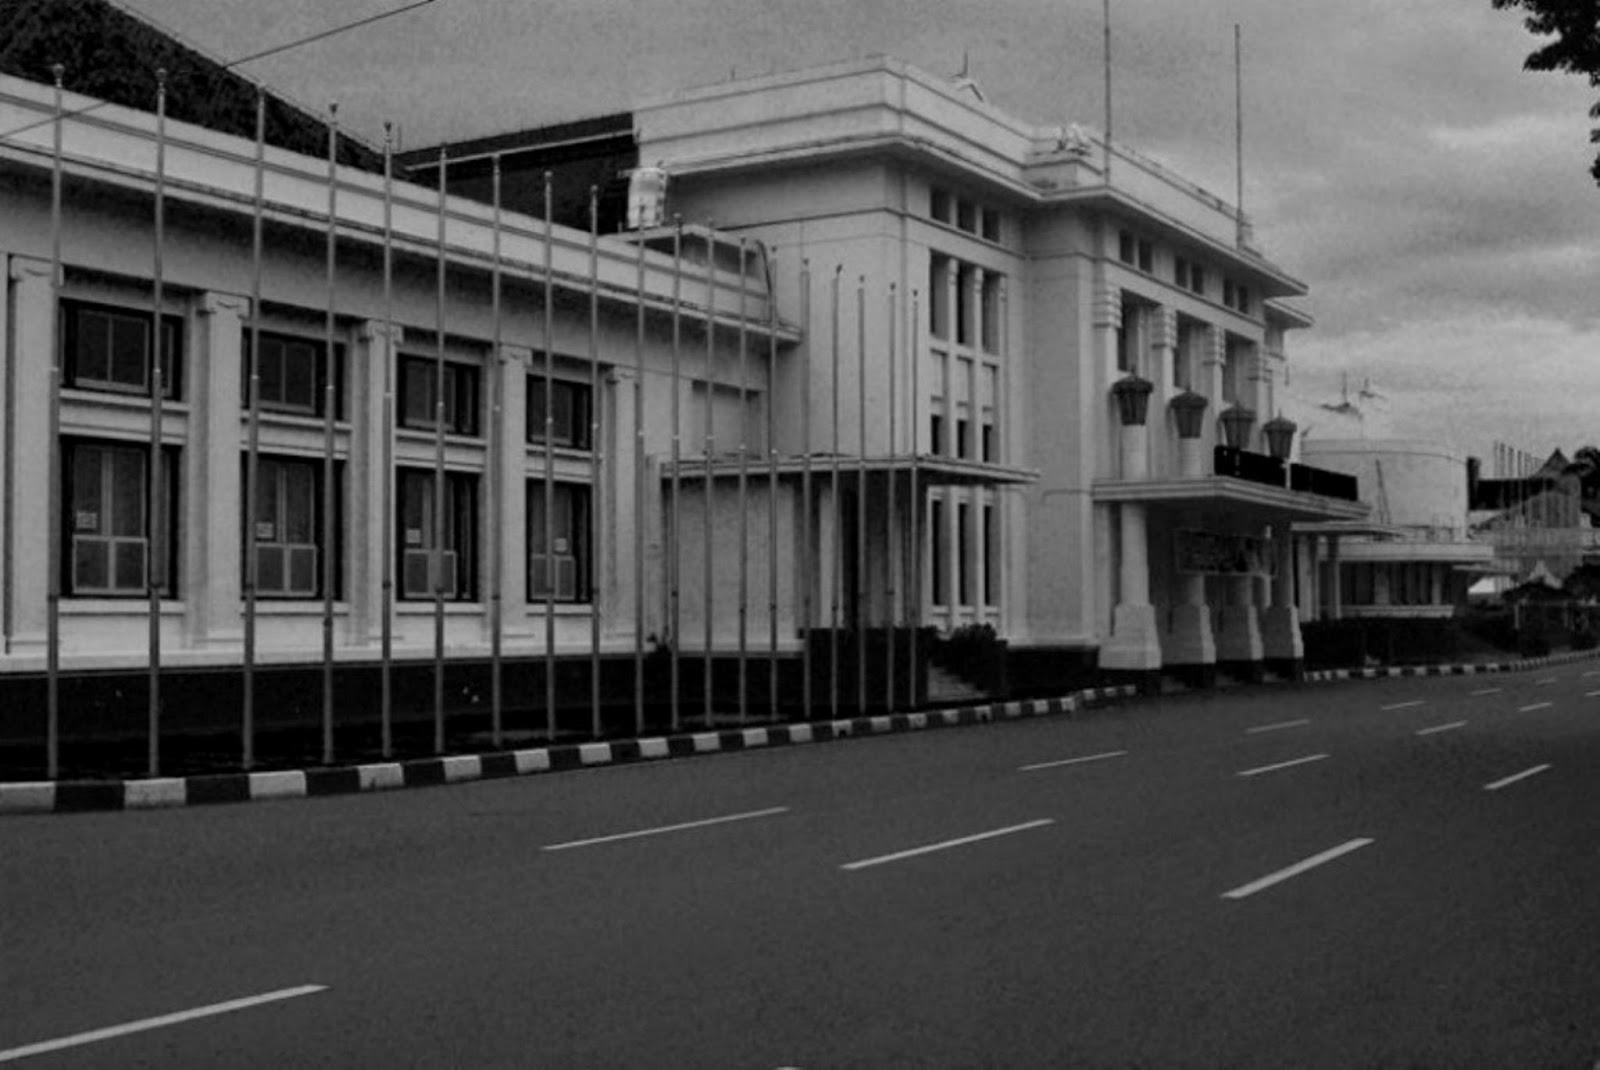 Wisata Kota Bandung Pilar Jabar Gedung Merdeka Museum Konferensi Asia